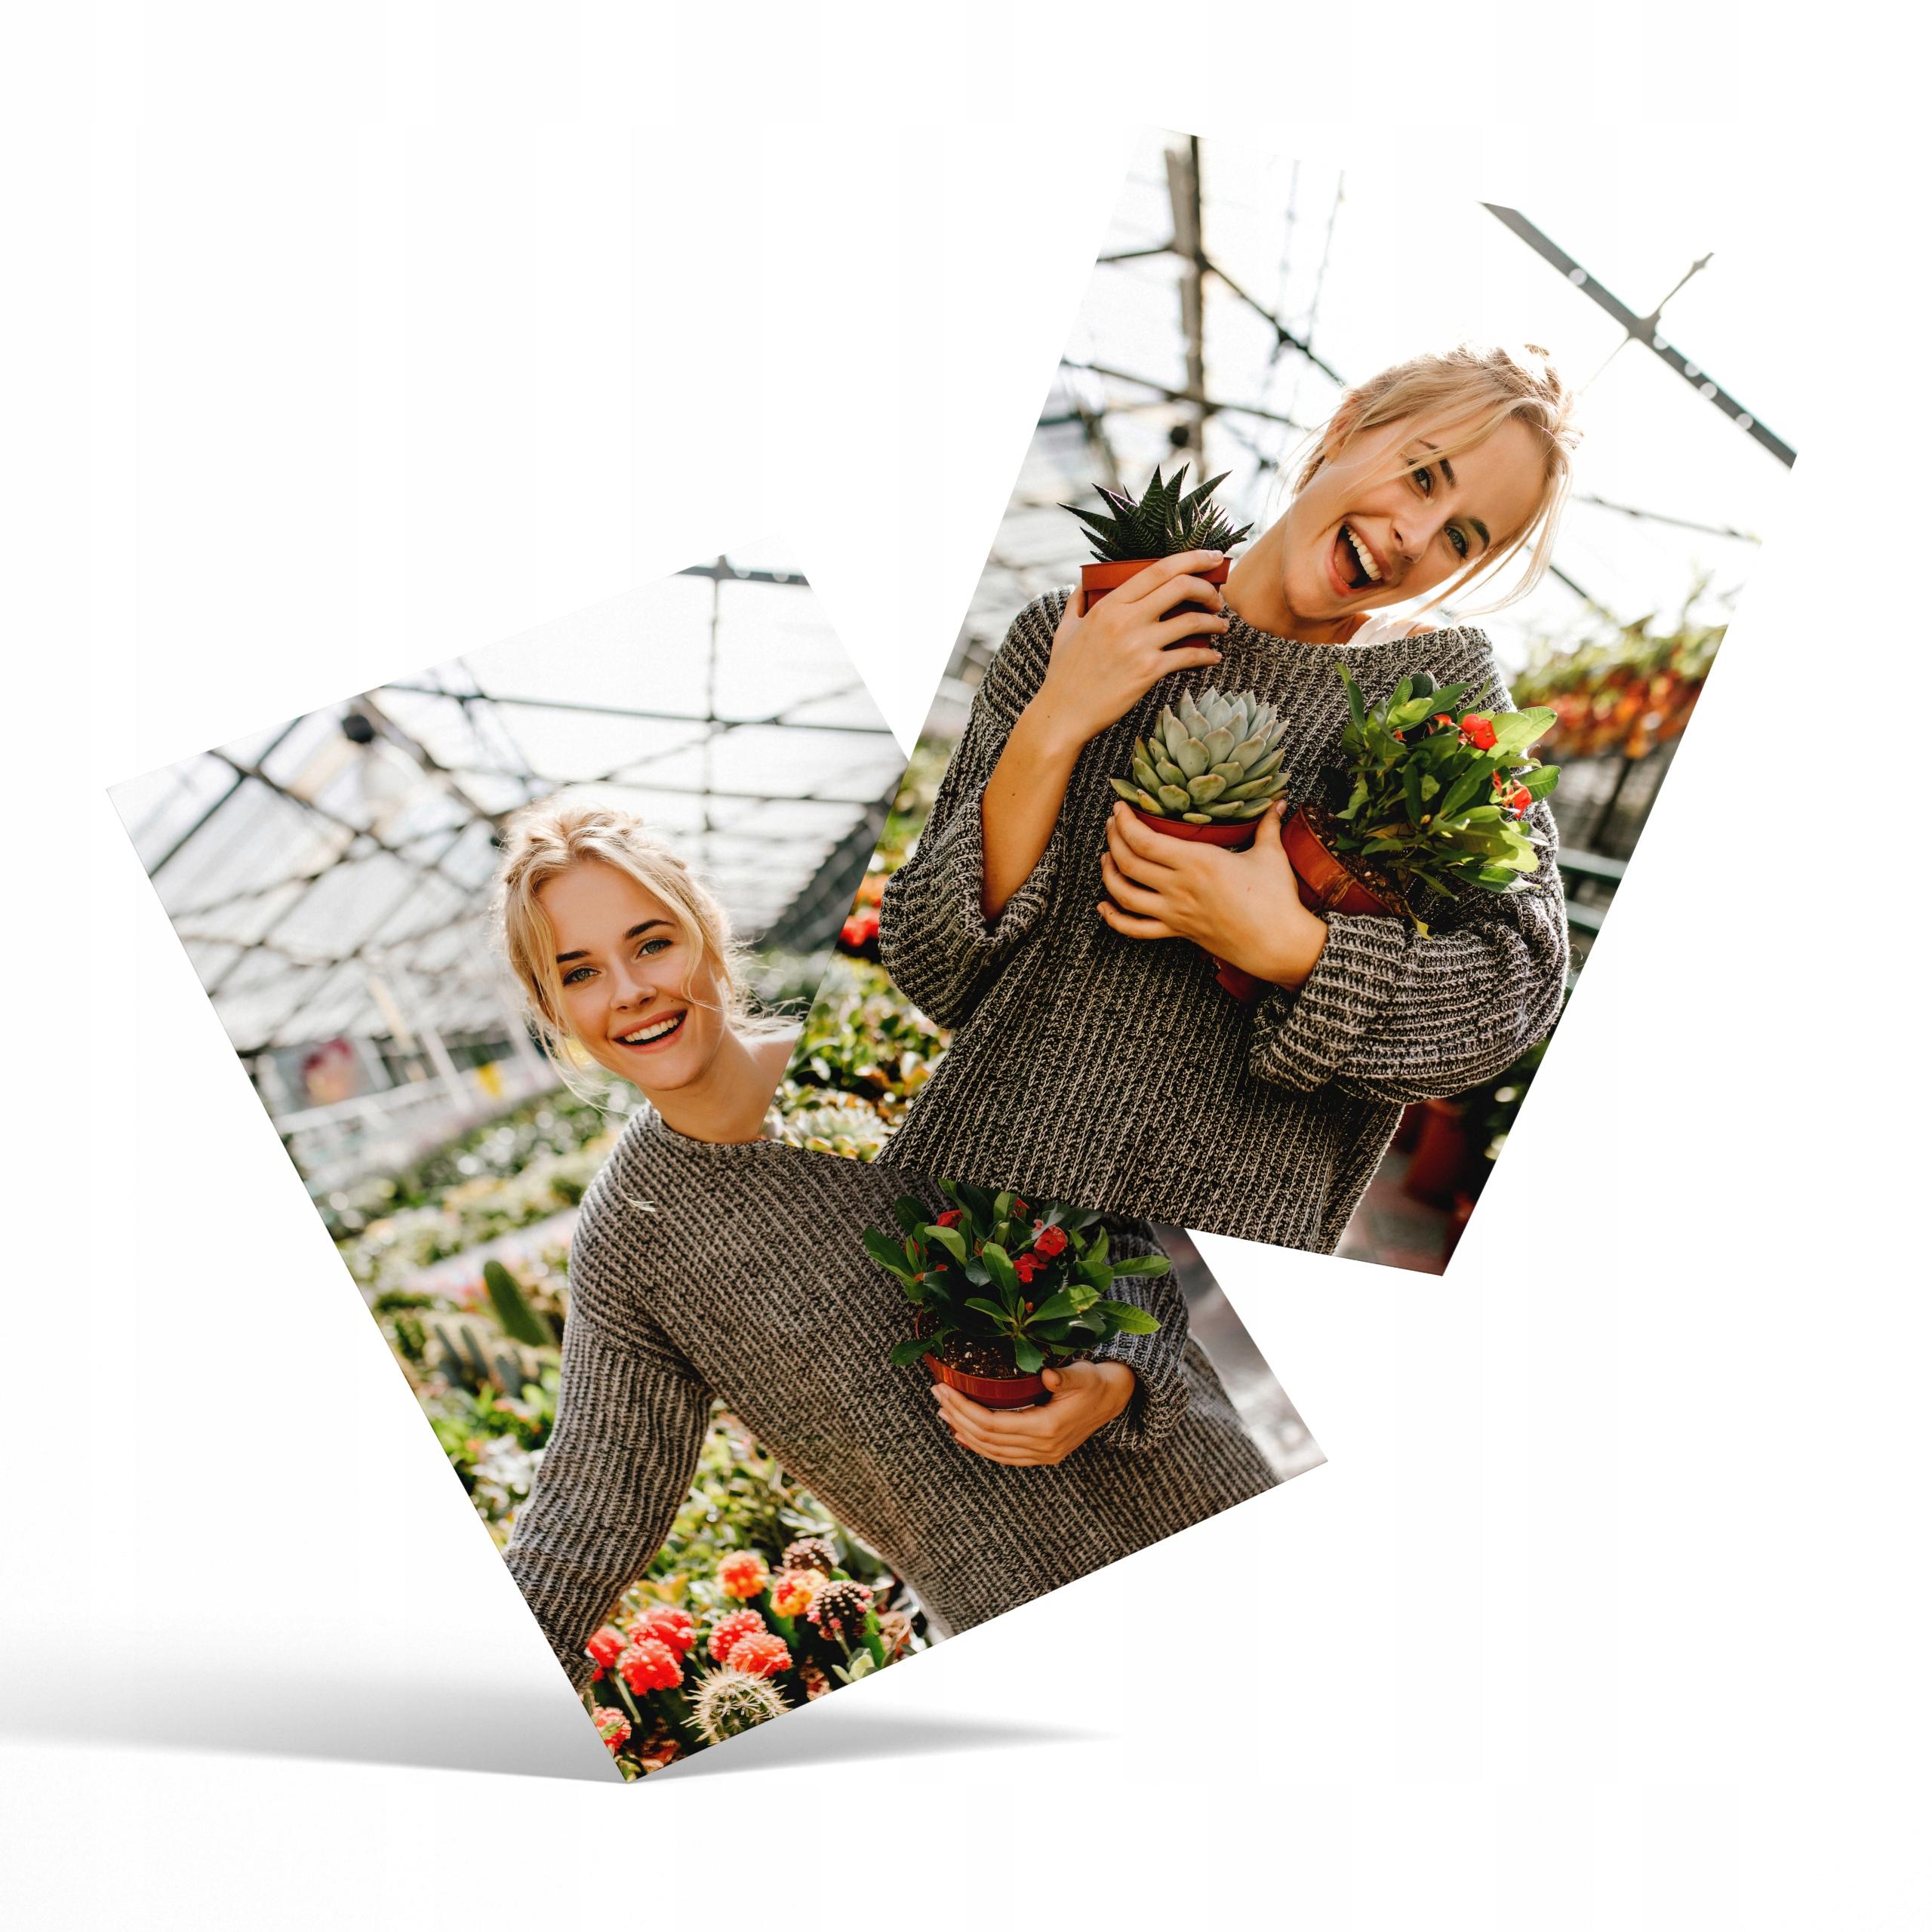 Wywoływanie 100 zdjęć 10x15 wywołanie odbitki